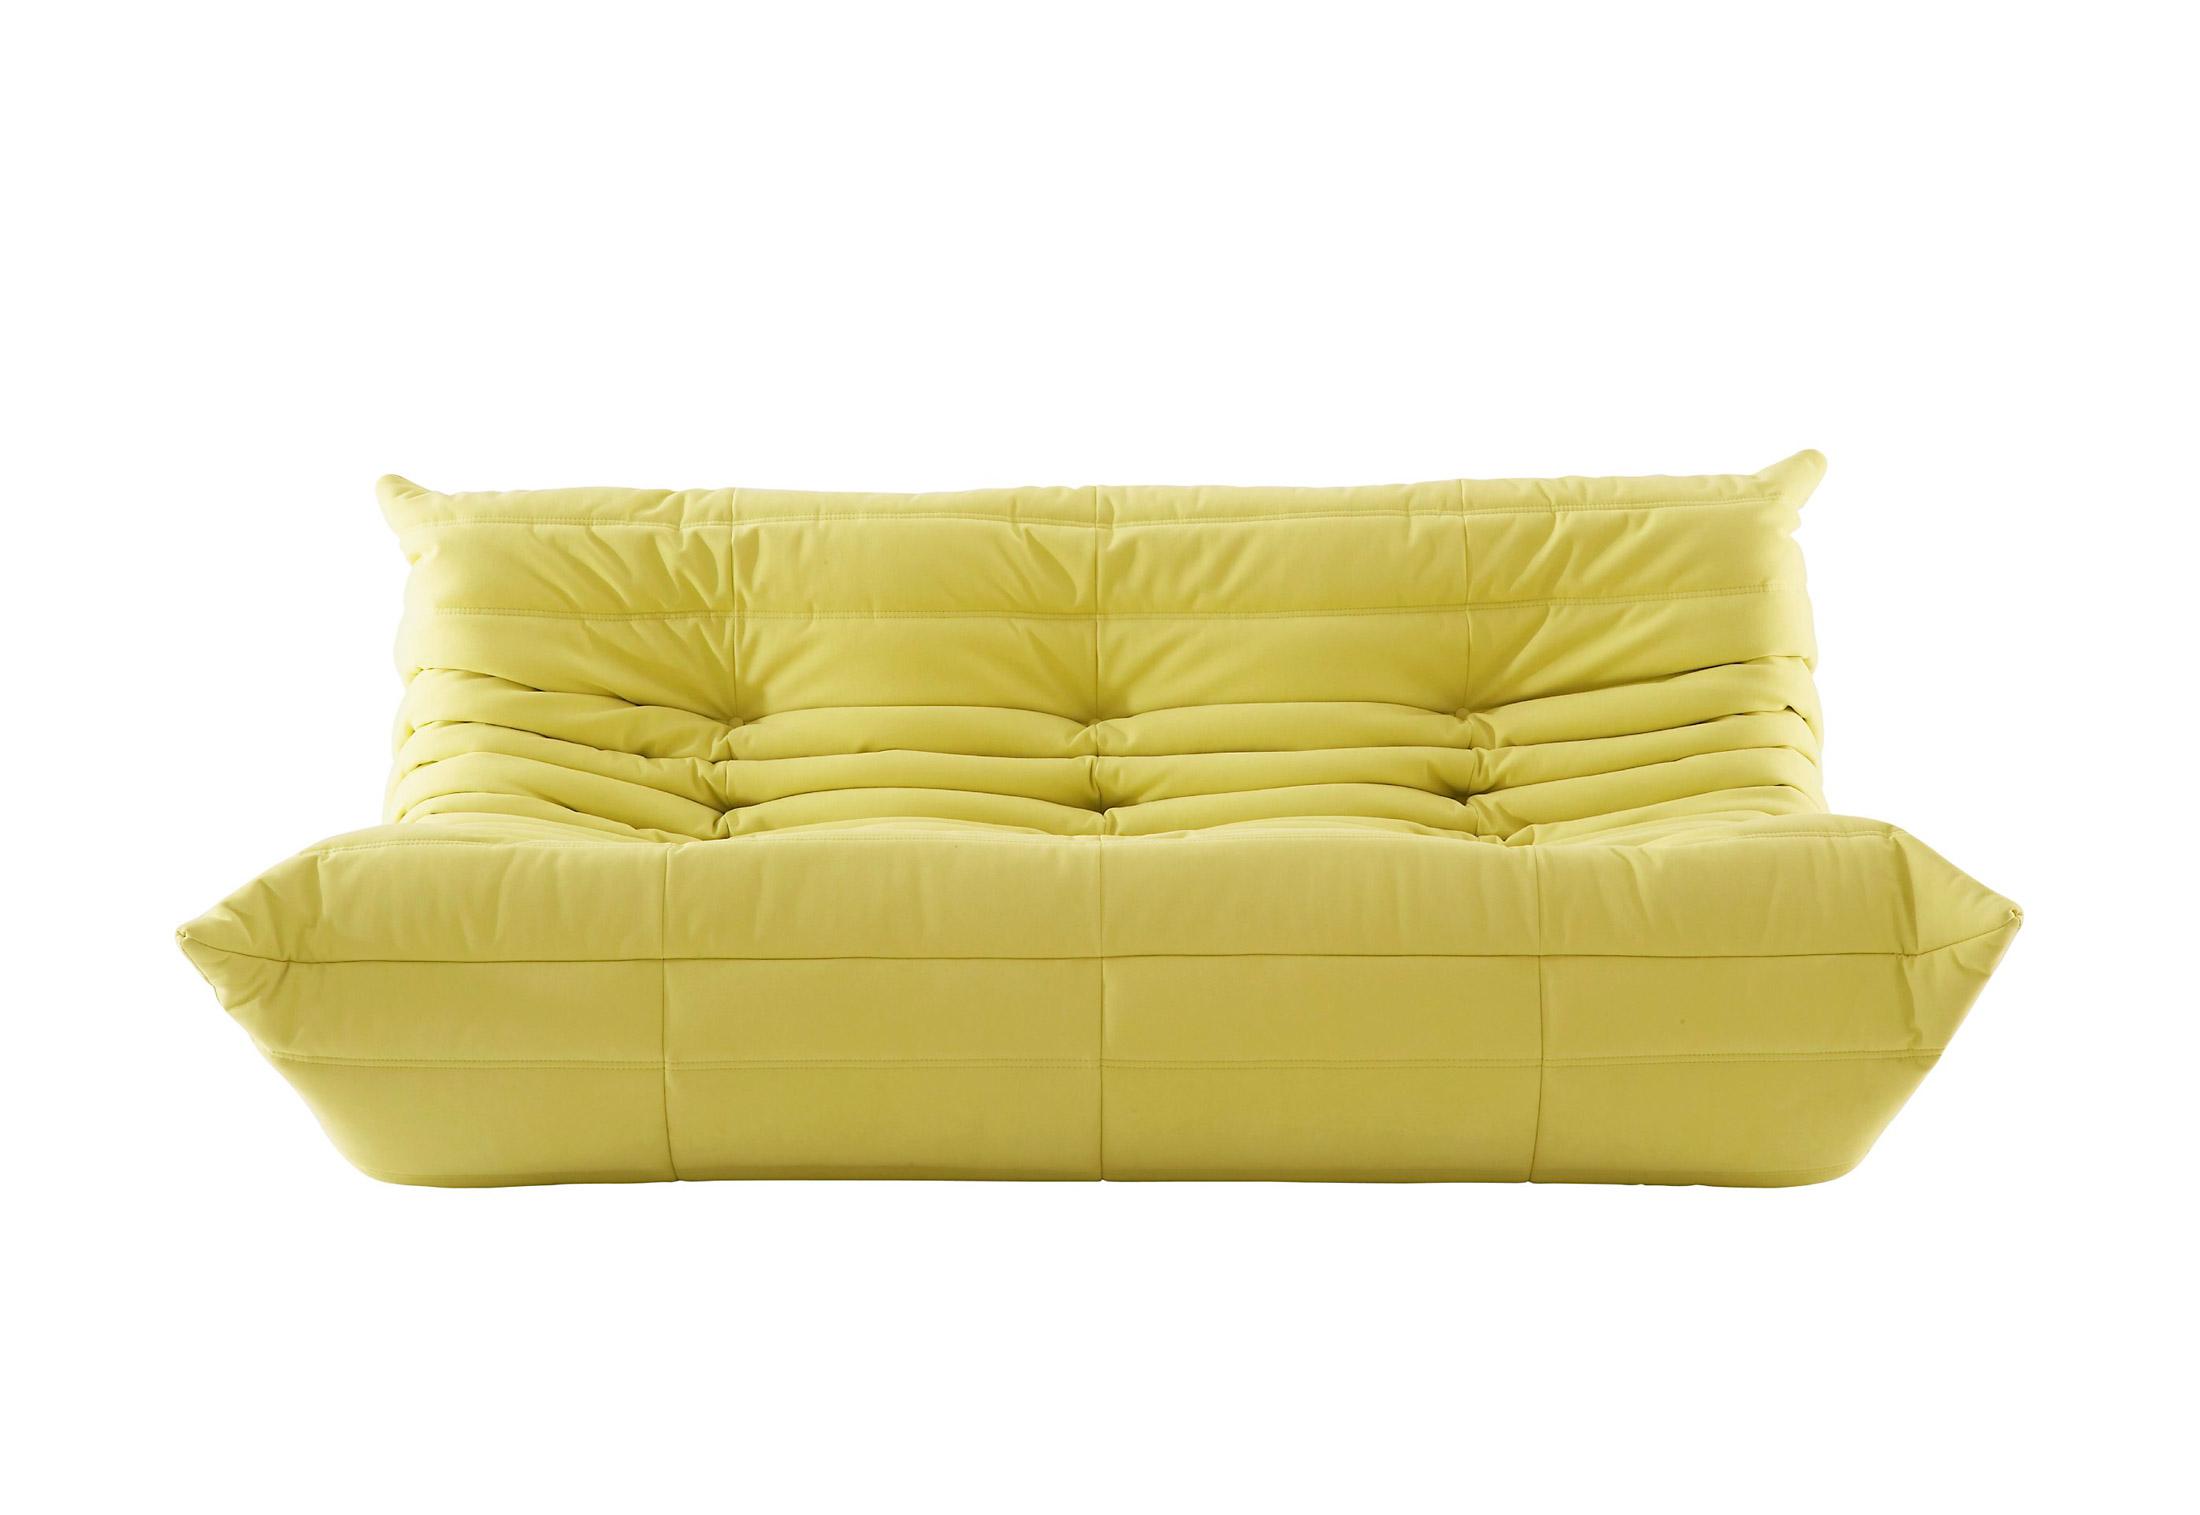 togo sofa 3 seater by ligne roset stylepark. Black Bedroom Furniture Sets. Home Design Ideas